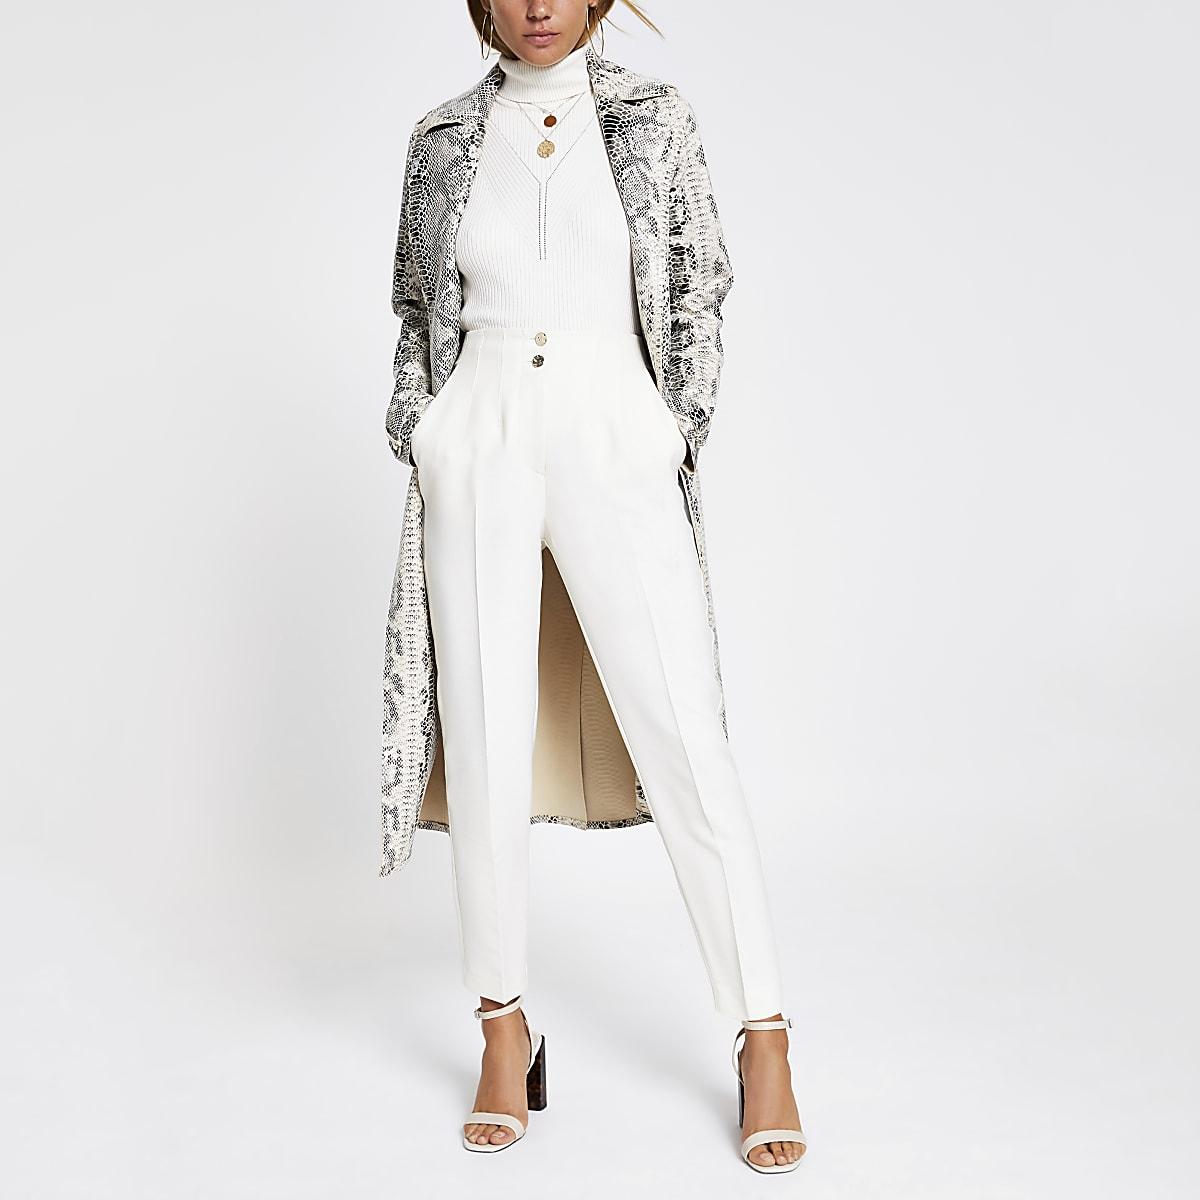 Crèmekleurige broek met hoge taille en smalle pijpen tot de enkel